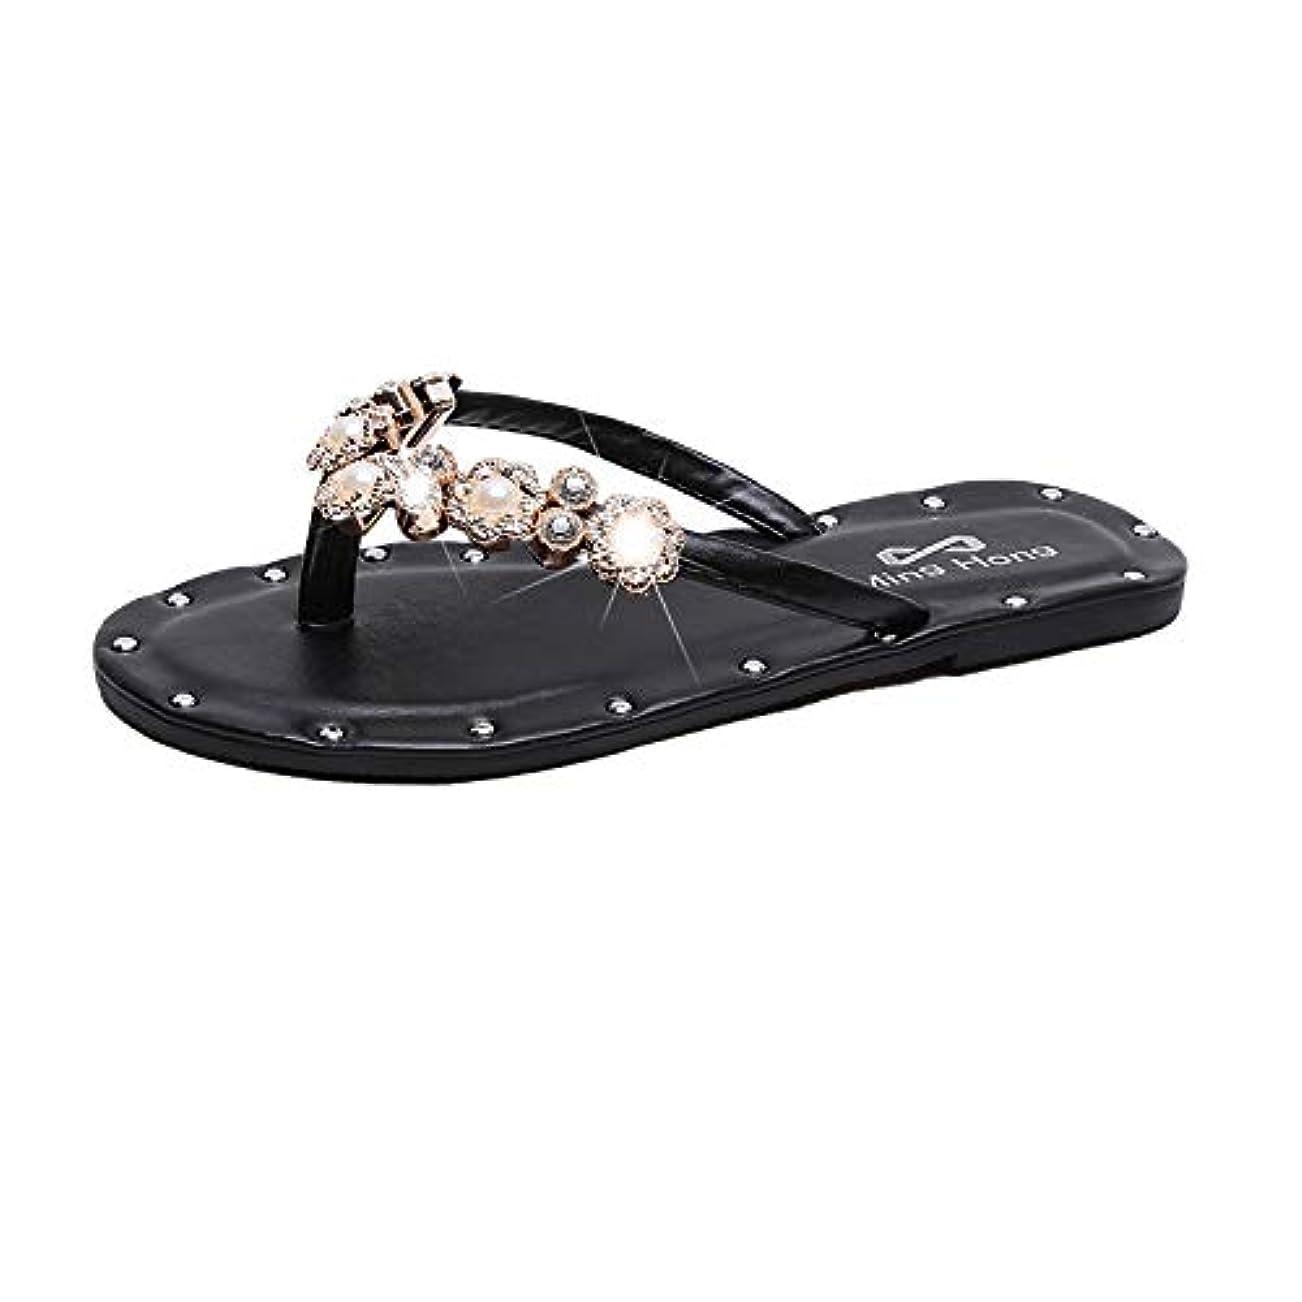 水族館雄大な週末サンダル レディース サンダル 歩きやすい 旅行 女の子 サンダル 2019年夏 外の人間の言葉スリッパの韓国版を着用女性のフラットボトム快適なクールなスリッパ 女性のカジュアルなビーチシューズ(35サイズ、22.5cm)